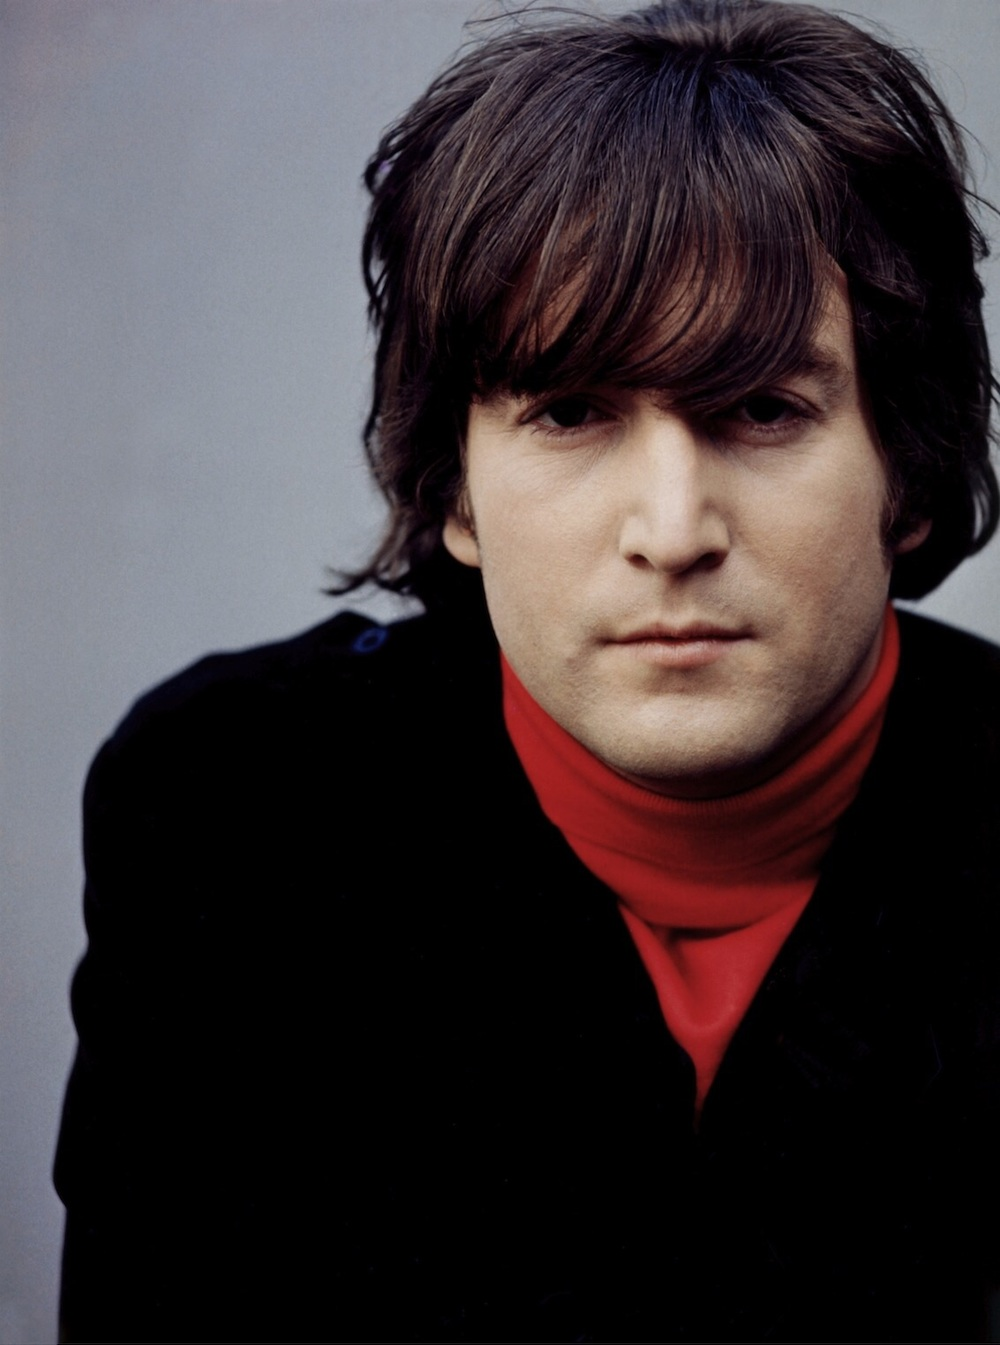 John Lennon, 1965.